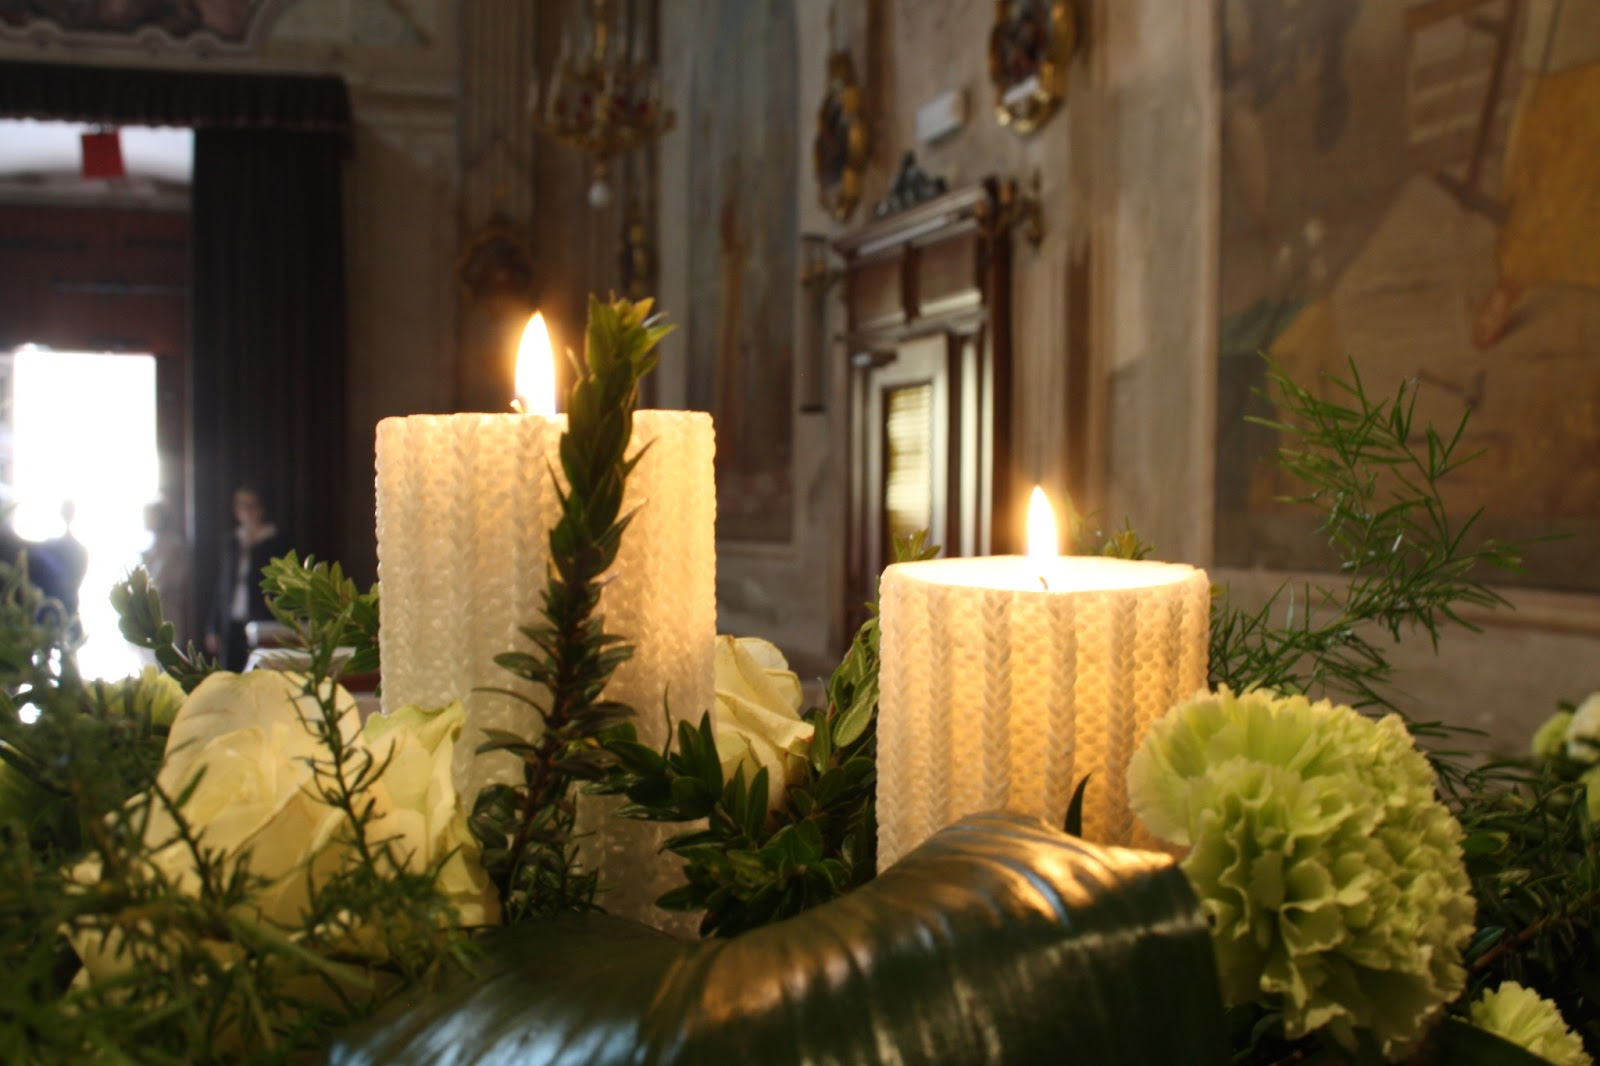 Matrimonio in lombardia l 39 allestimento floreale del vostro matrimonio in lombardia by fate fiori - Come addobbare la casa della sposa il giorno del matrimonio ...